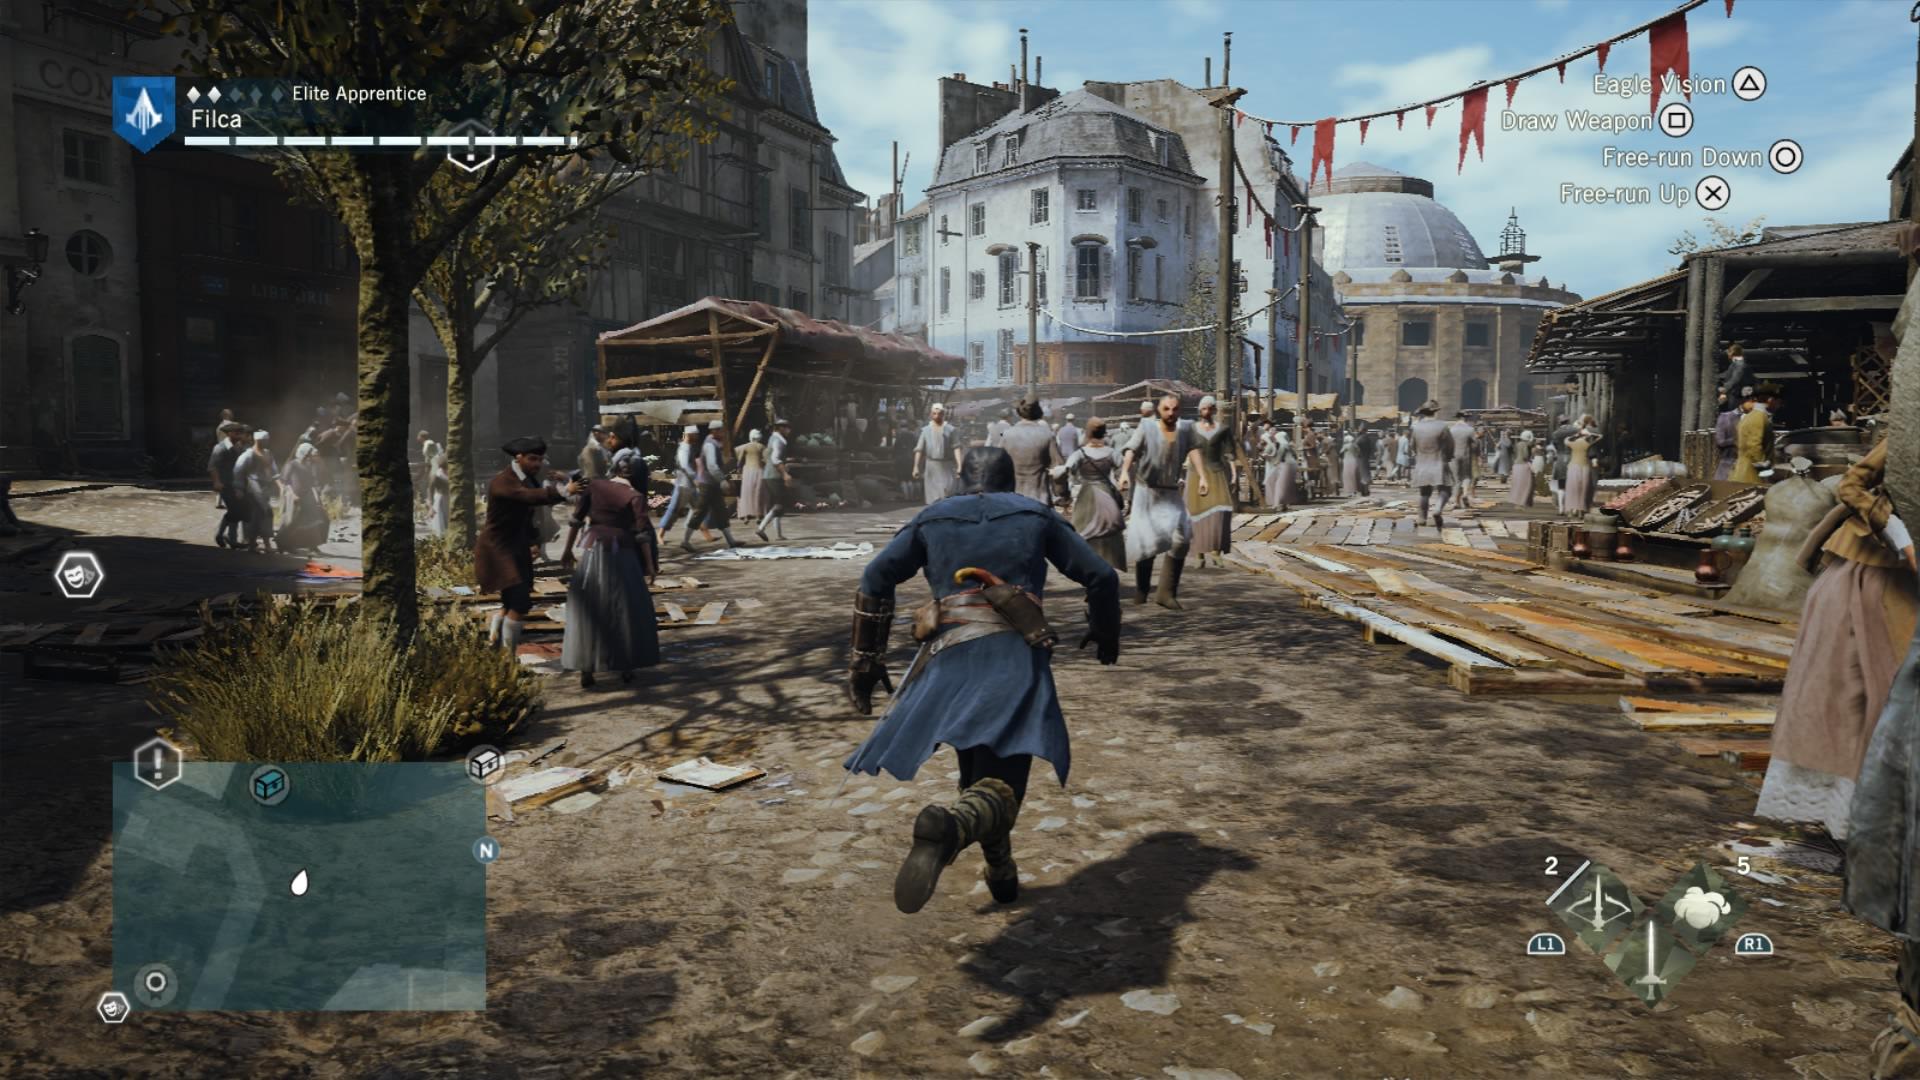 Assassin's Creed: Unity – francouzská revoluce podle Ubisoftu 102503